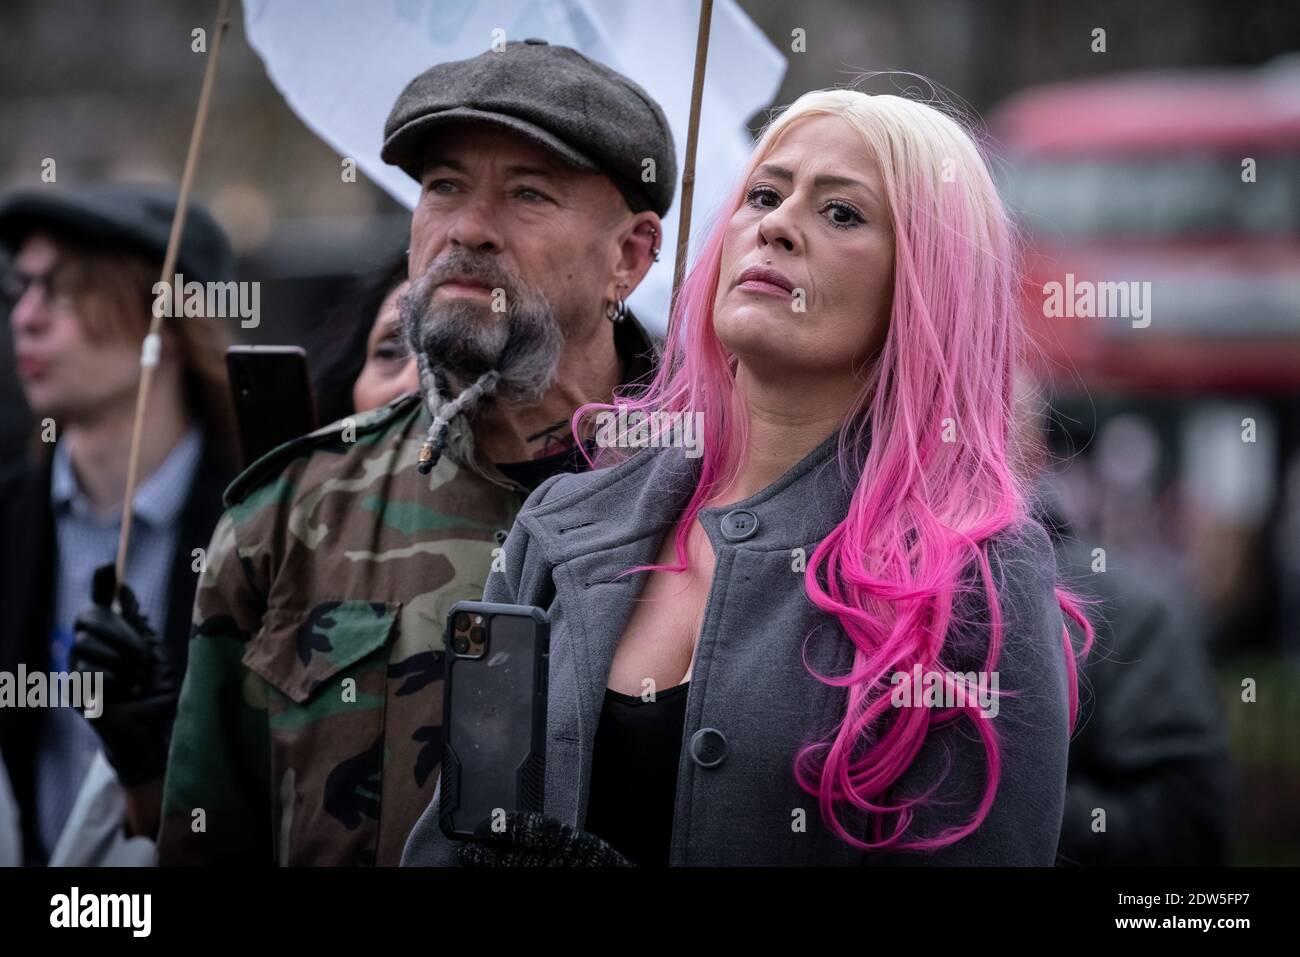 Martin Hockridge(à gauche) avec Lisa Jane Waters(à droite). Coronavirus: Manifestation anti-verrouillage de 'Santa Saves Xmas' à Speakerss' Corner, Hyde Park, Londres. Banque D'Images